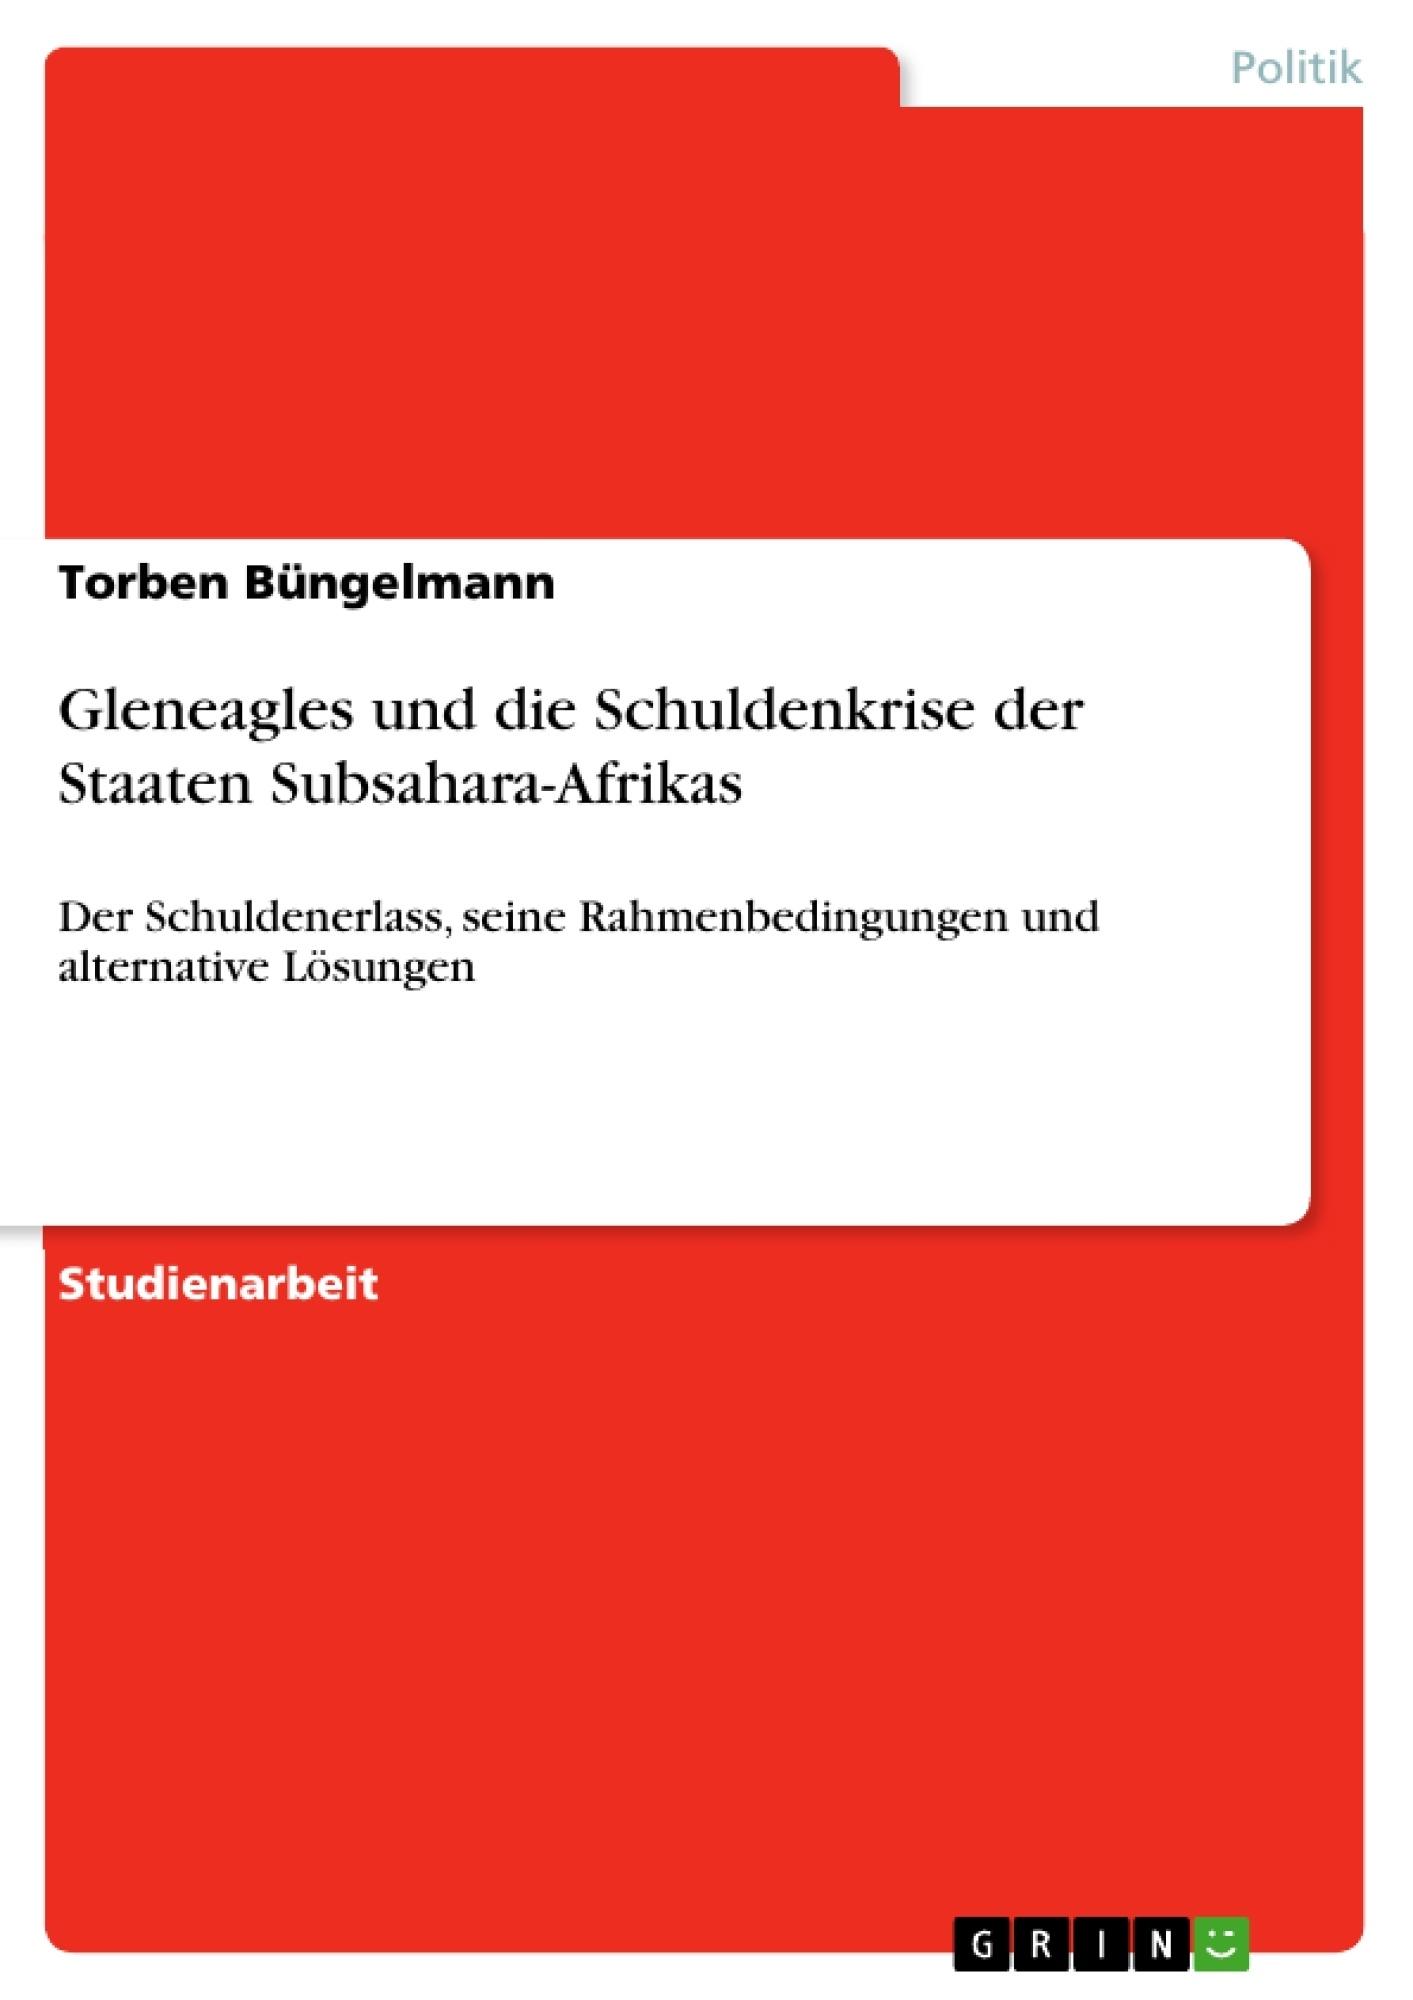 Titel: Gleneagles und die Schuldenkrise der Staaten Subsahara-Afrikas